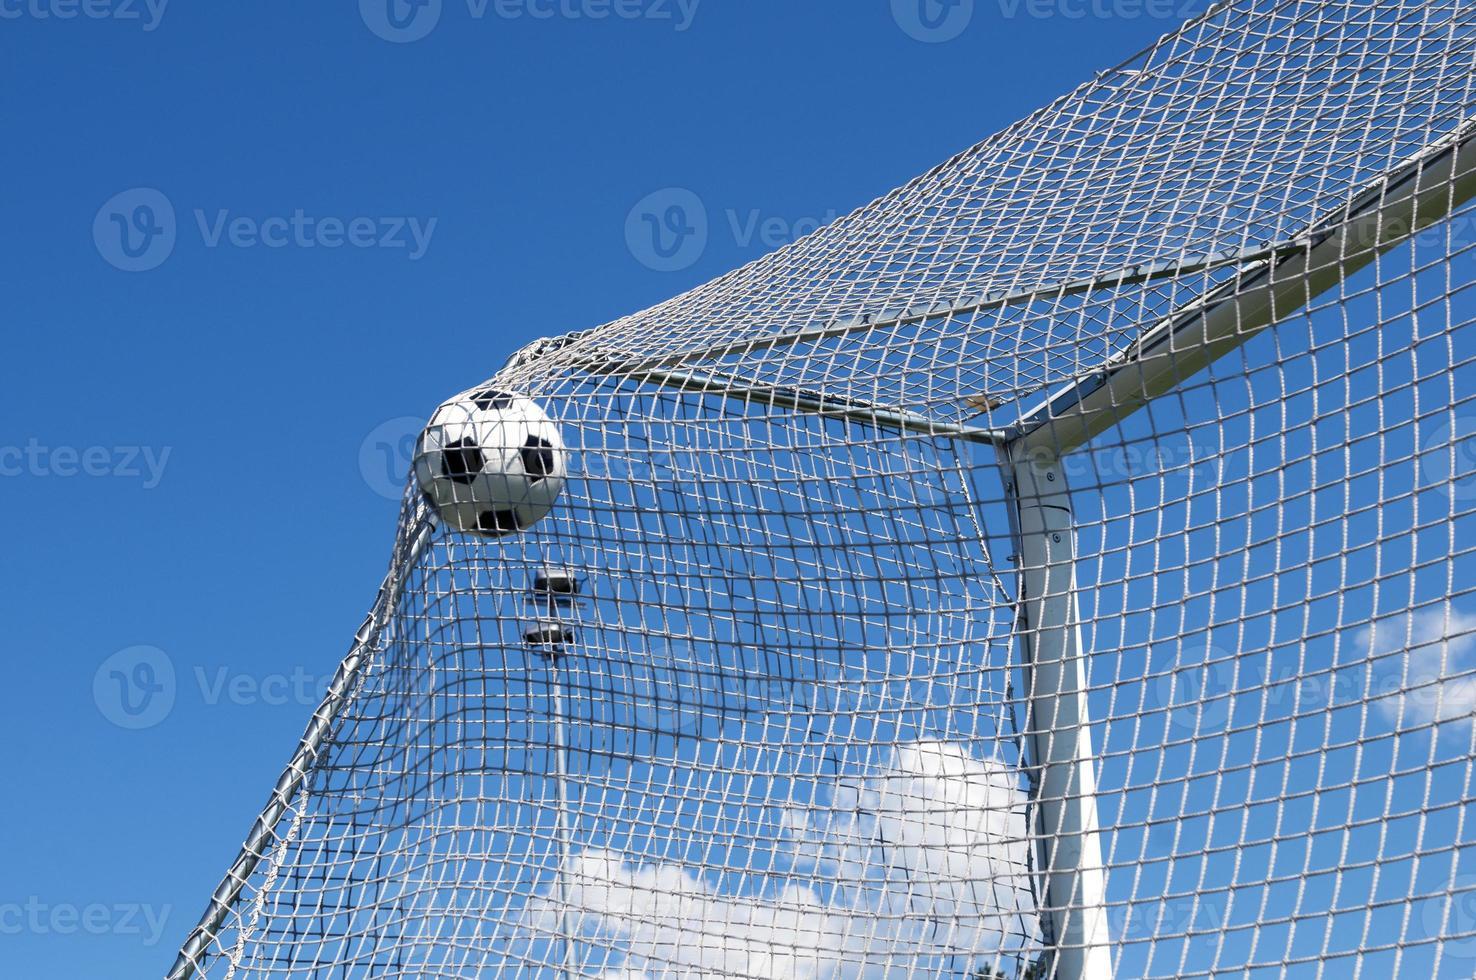 fotboll gör ett fantastiskt mål foto